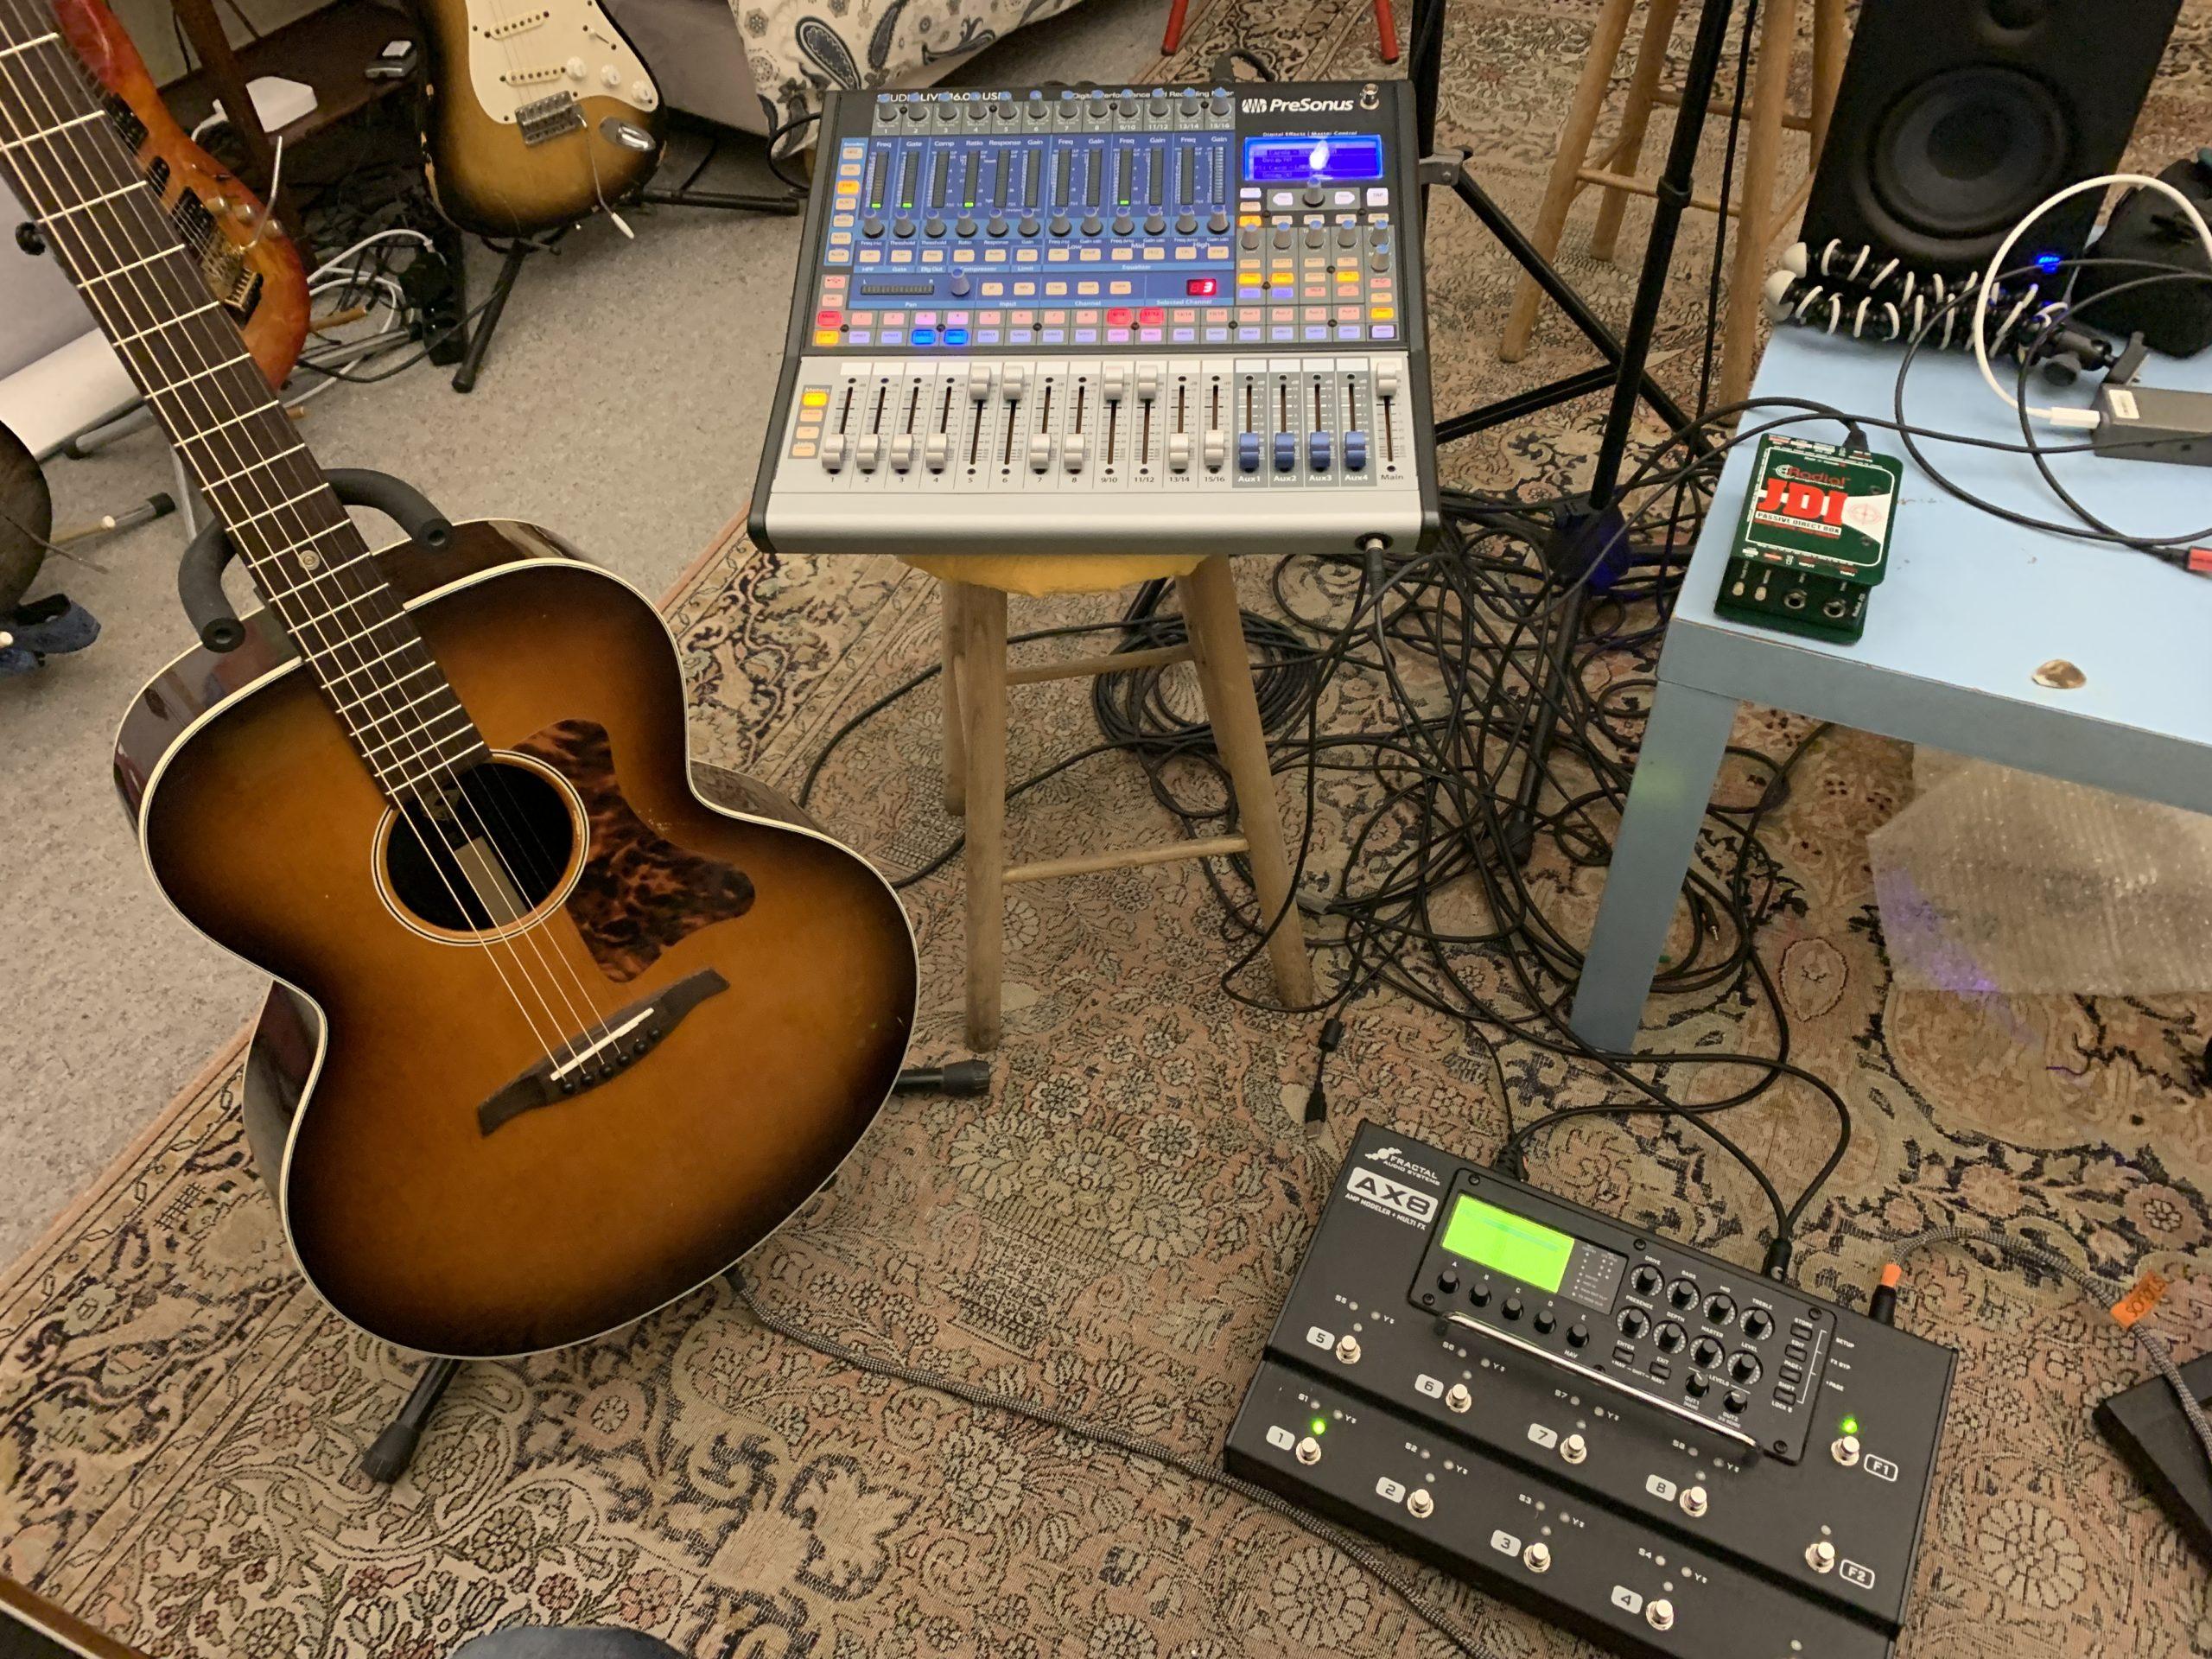 Prise de son guitare acoustique amplifiée - 3 méthodes comparées